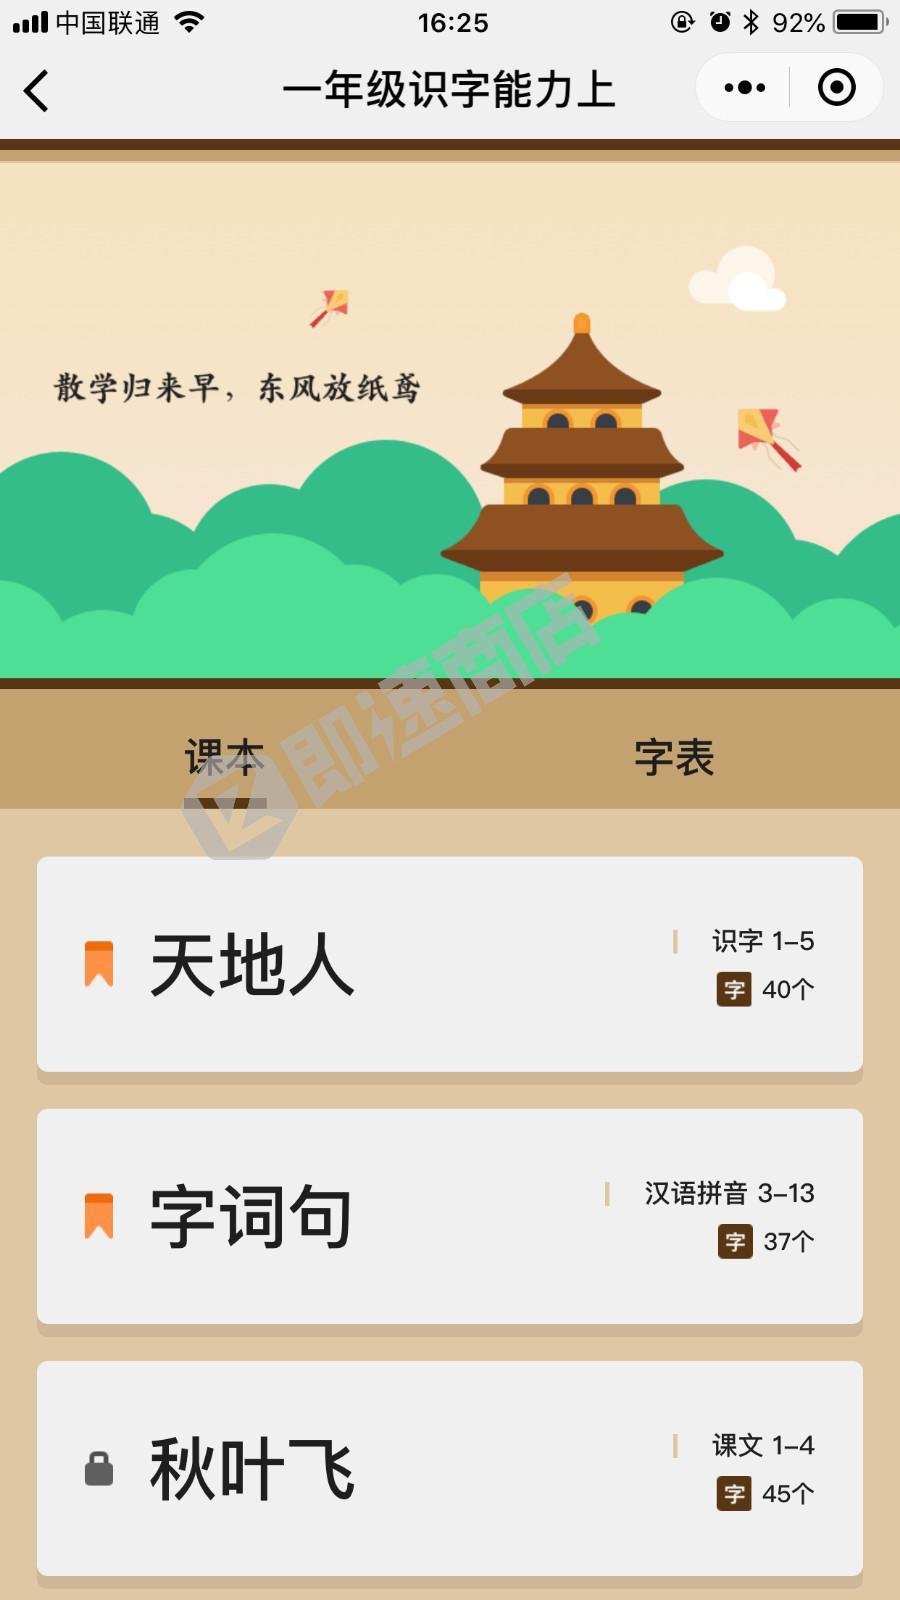 语文识字一汉字学习小学课本点读小程序列表页截图